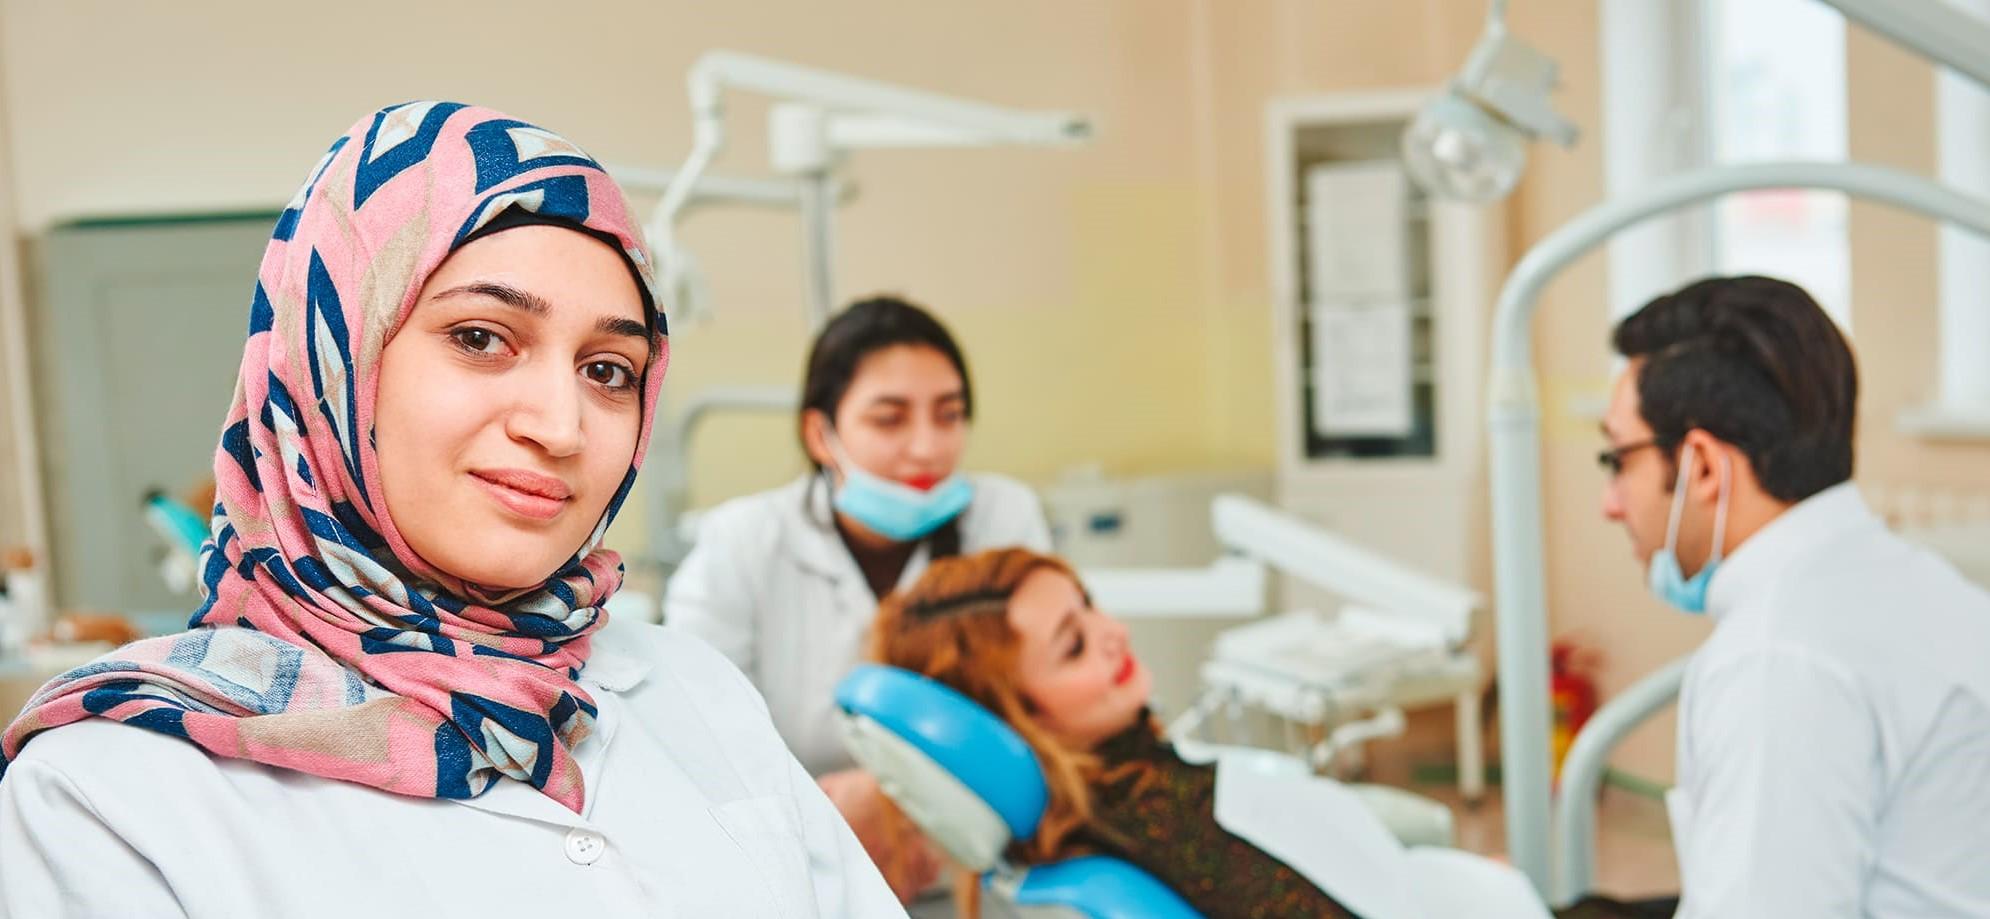 Frau mit Kopftuch im Arztkittel im Vordergrund - im Hintergrund Patientin auf Zahnarztstuhl